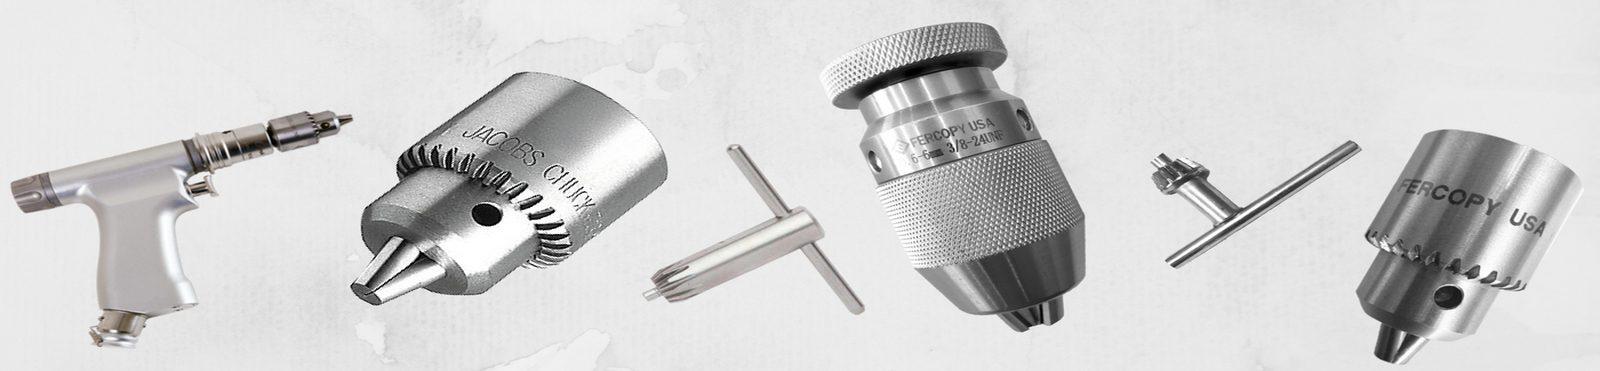 Mandril de Aço Inox para Uso Hospitalar (com chave)